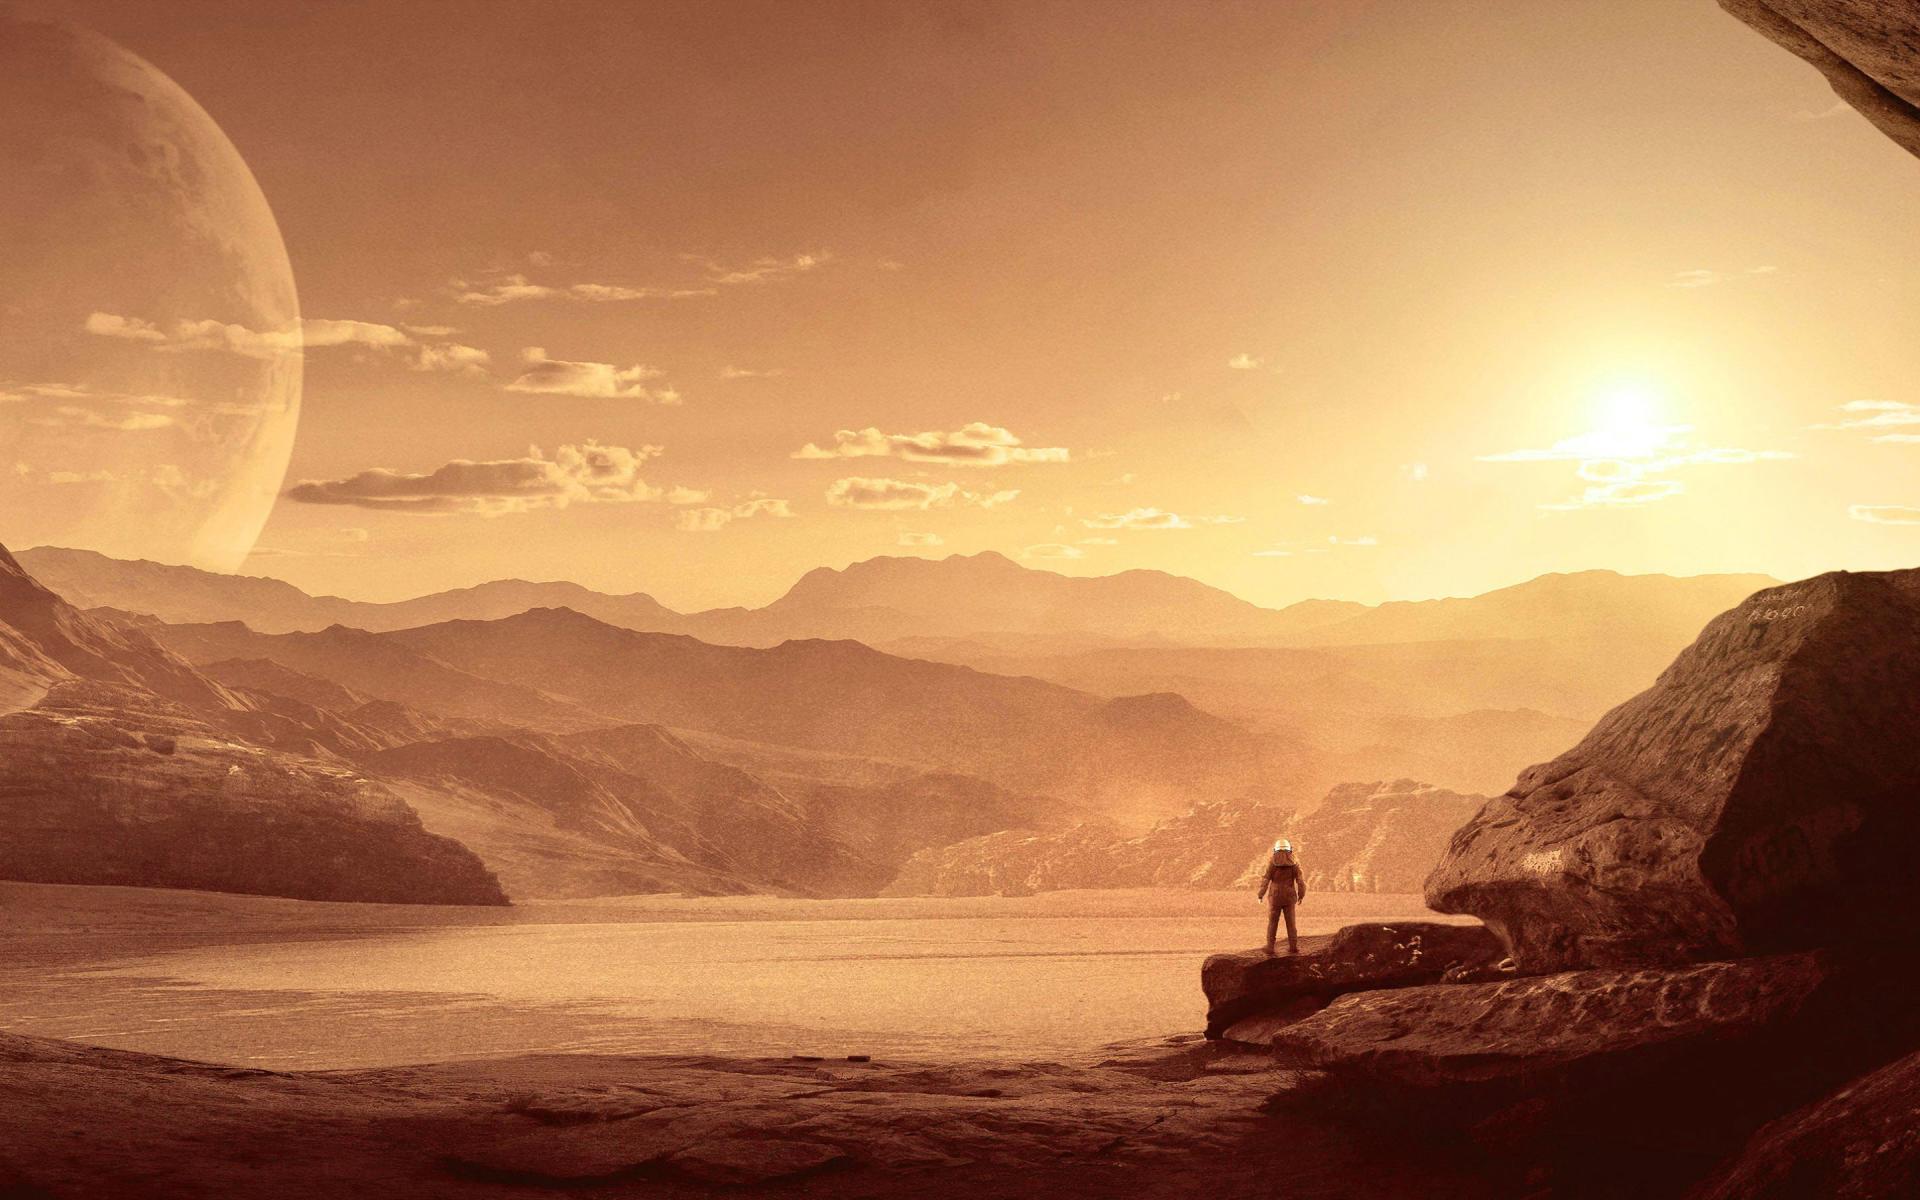 Dünya tarixində ilk: Marsda zəlzələ qeydə alındı